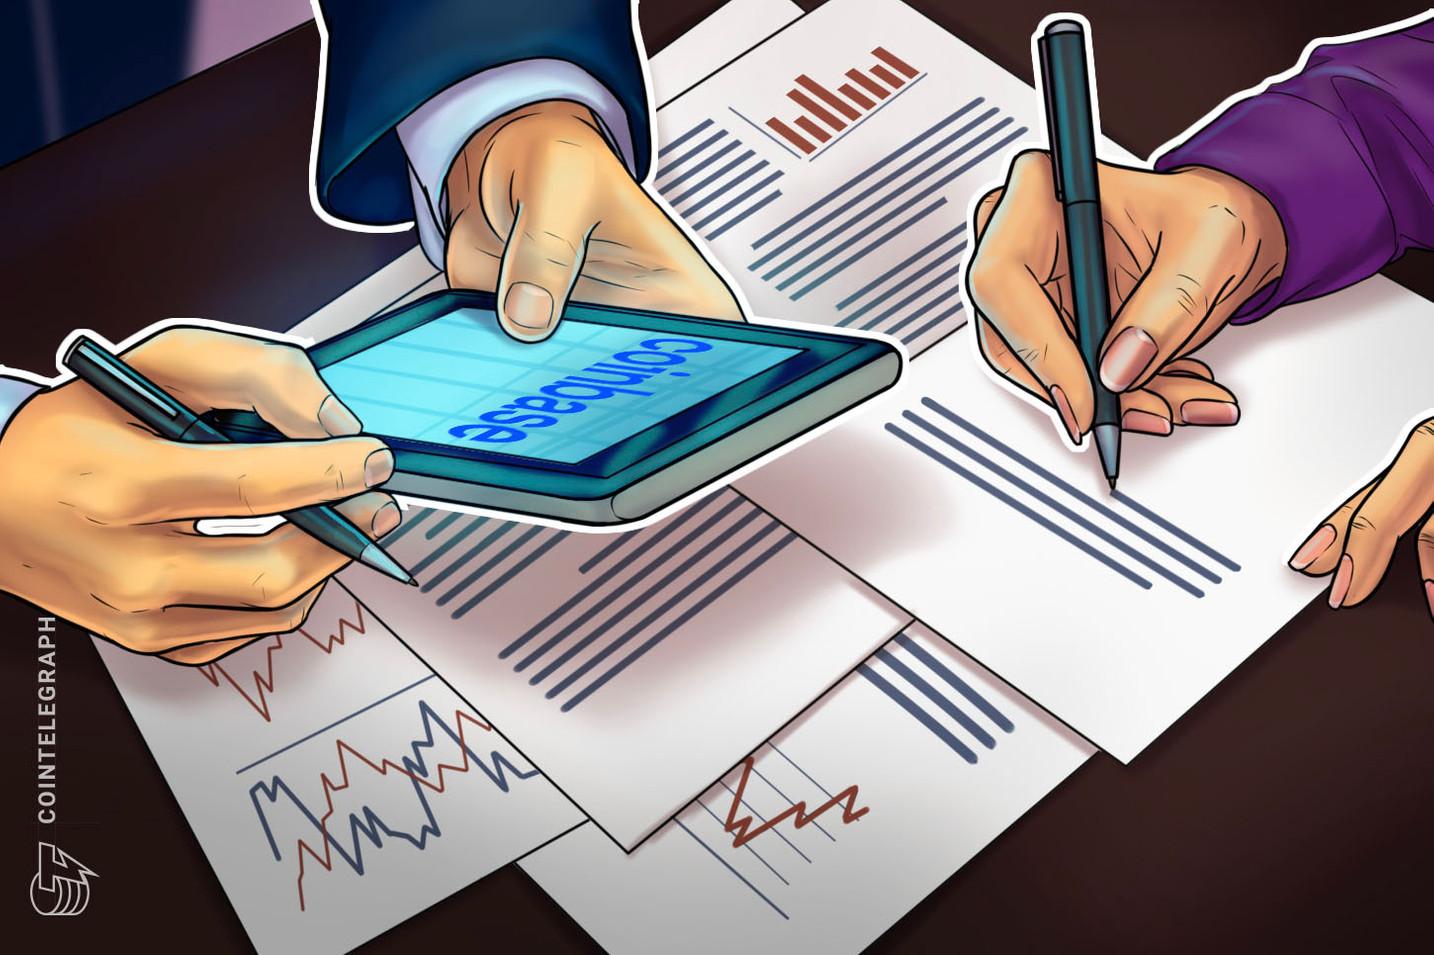 Jim Cramer: le azioni Coinbase sono economiche, dovreste investire il 5% del vostro portfolio in crypto